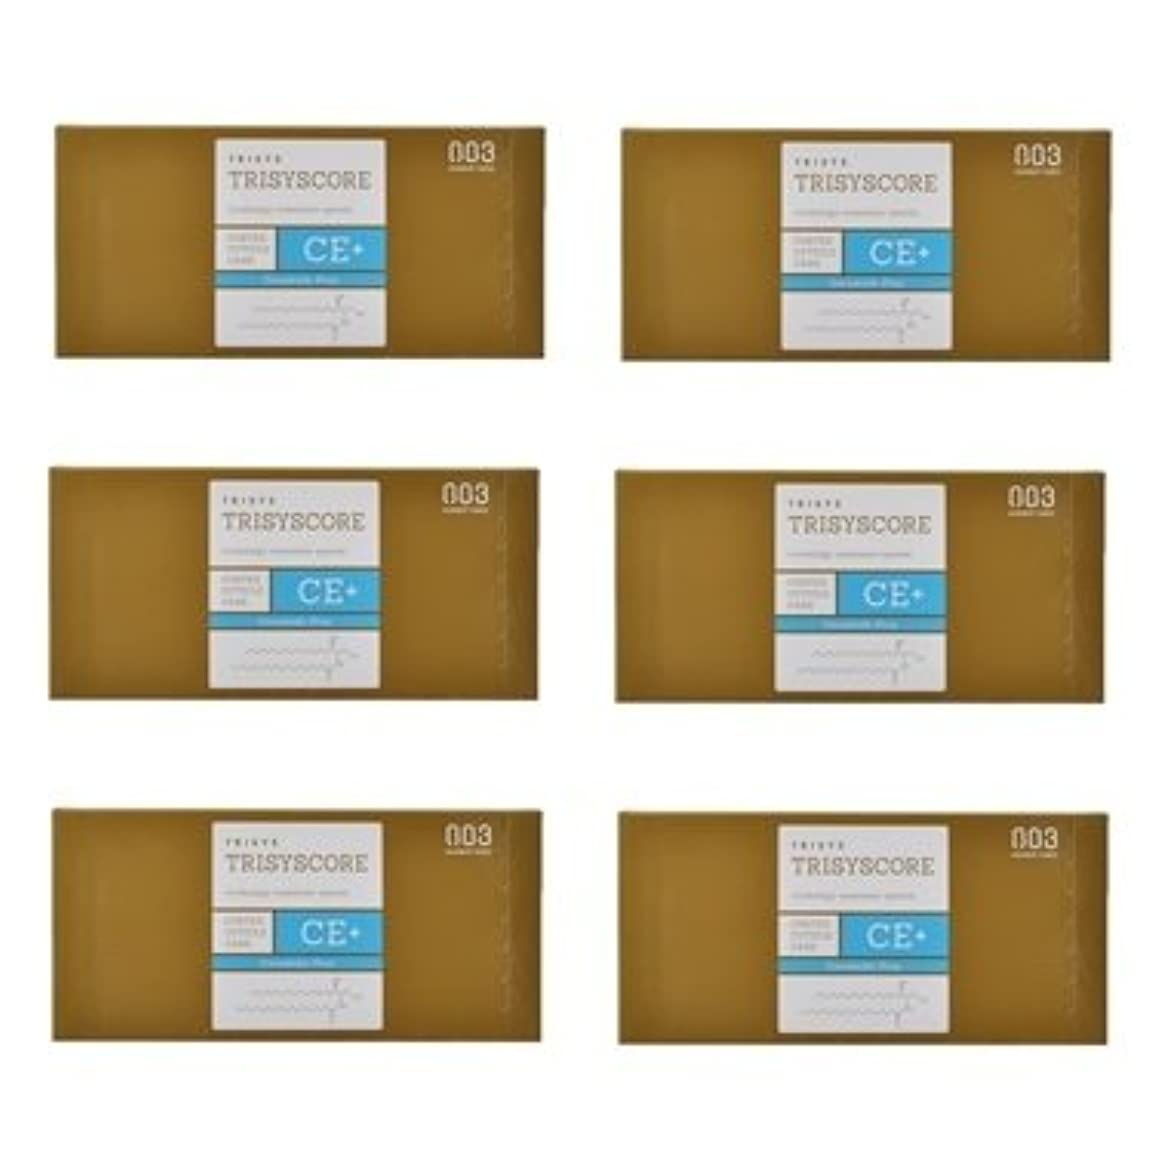 解放クラシック不可能な【X6個セット】ナンバースリー トリシスコア CEプラス (ヘアトリートメント) 12g × 4包入り